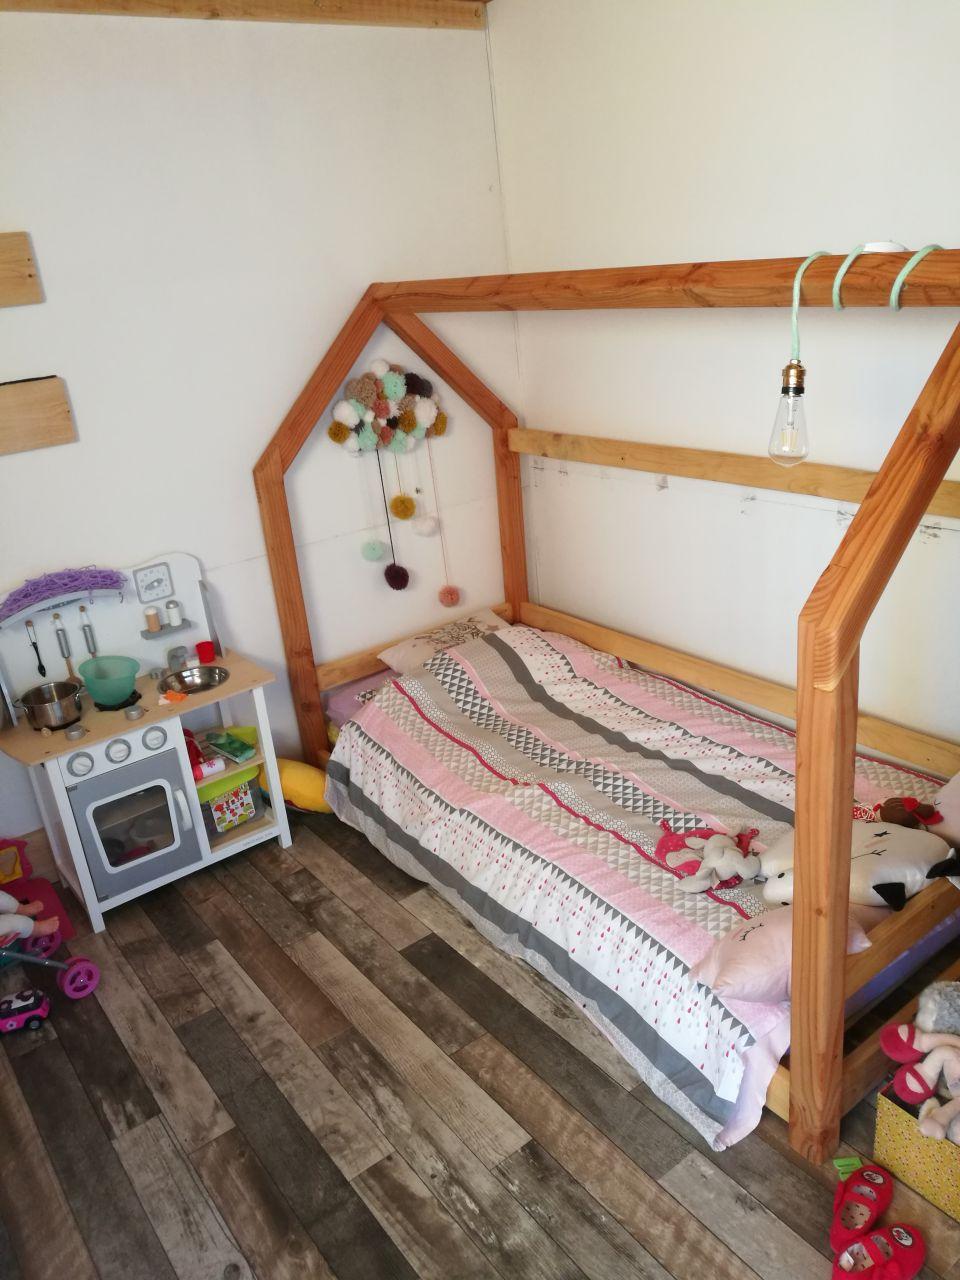 Le lit cabane de la princesse, réalisé en douglas avec les chutes de l'ossature des murs